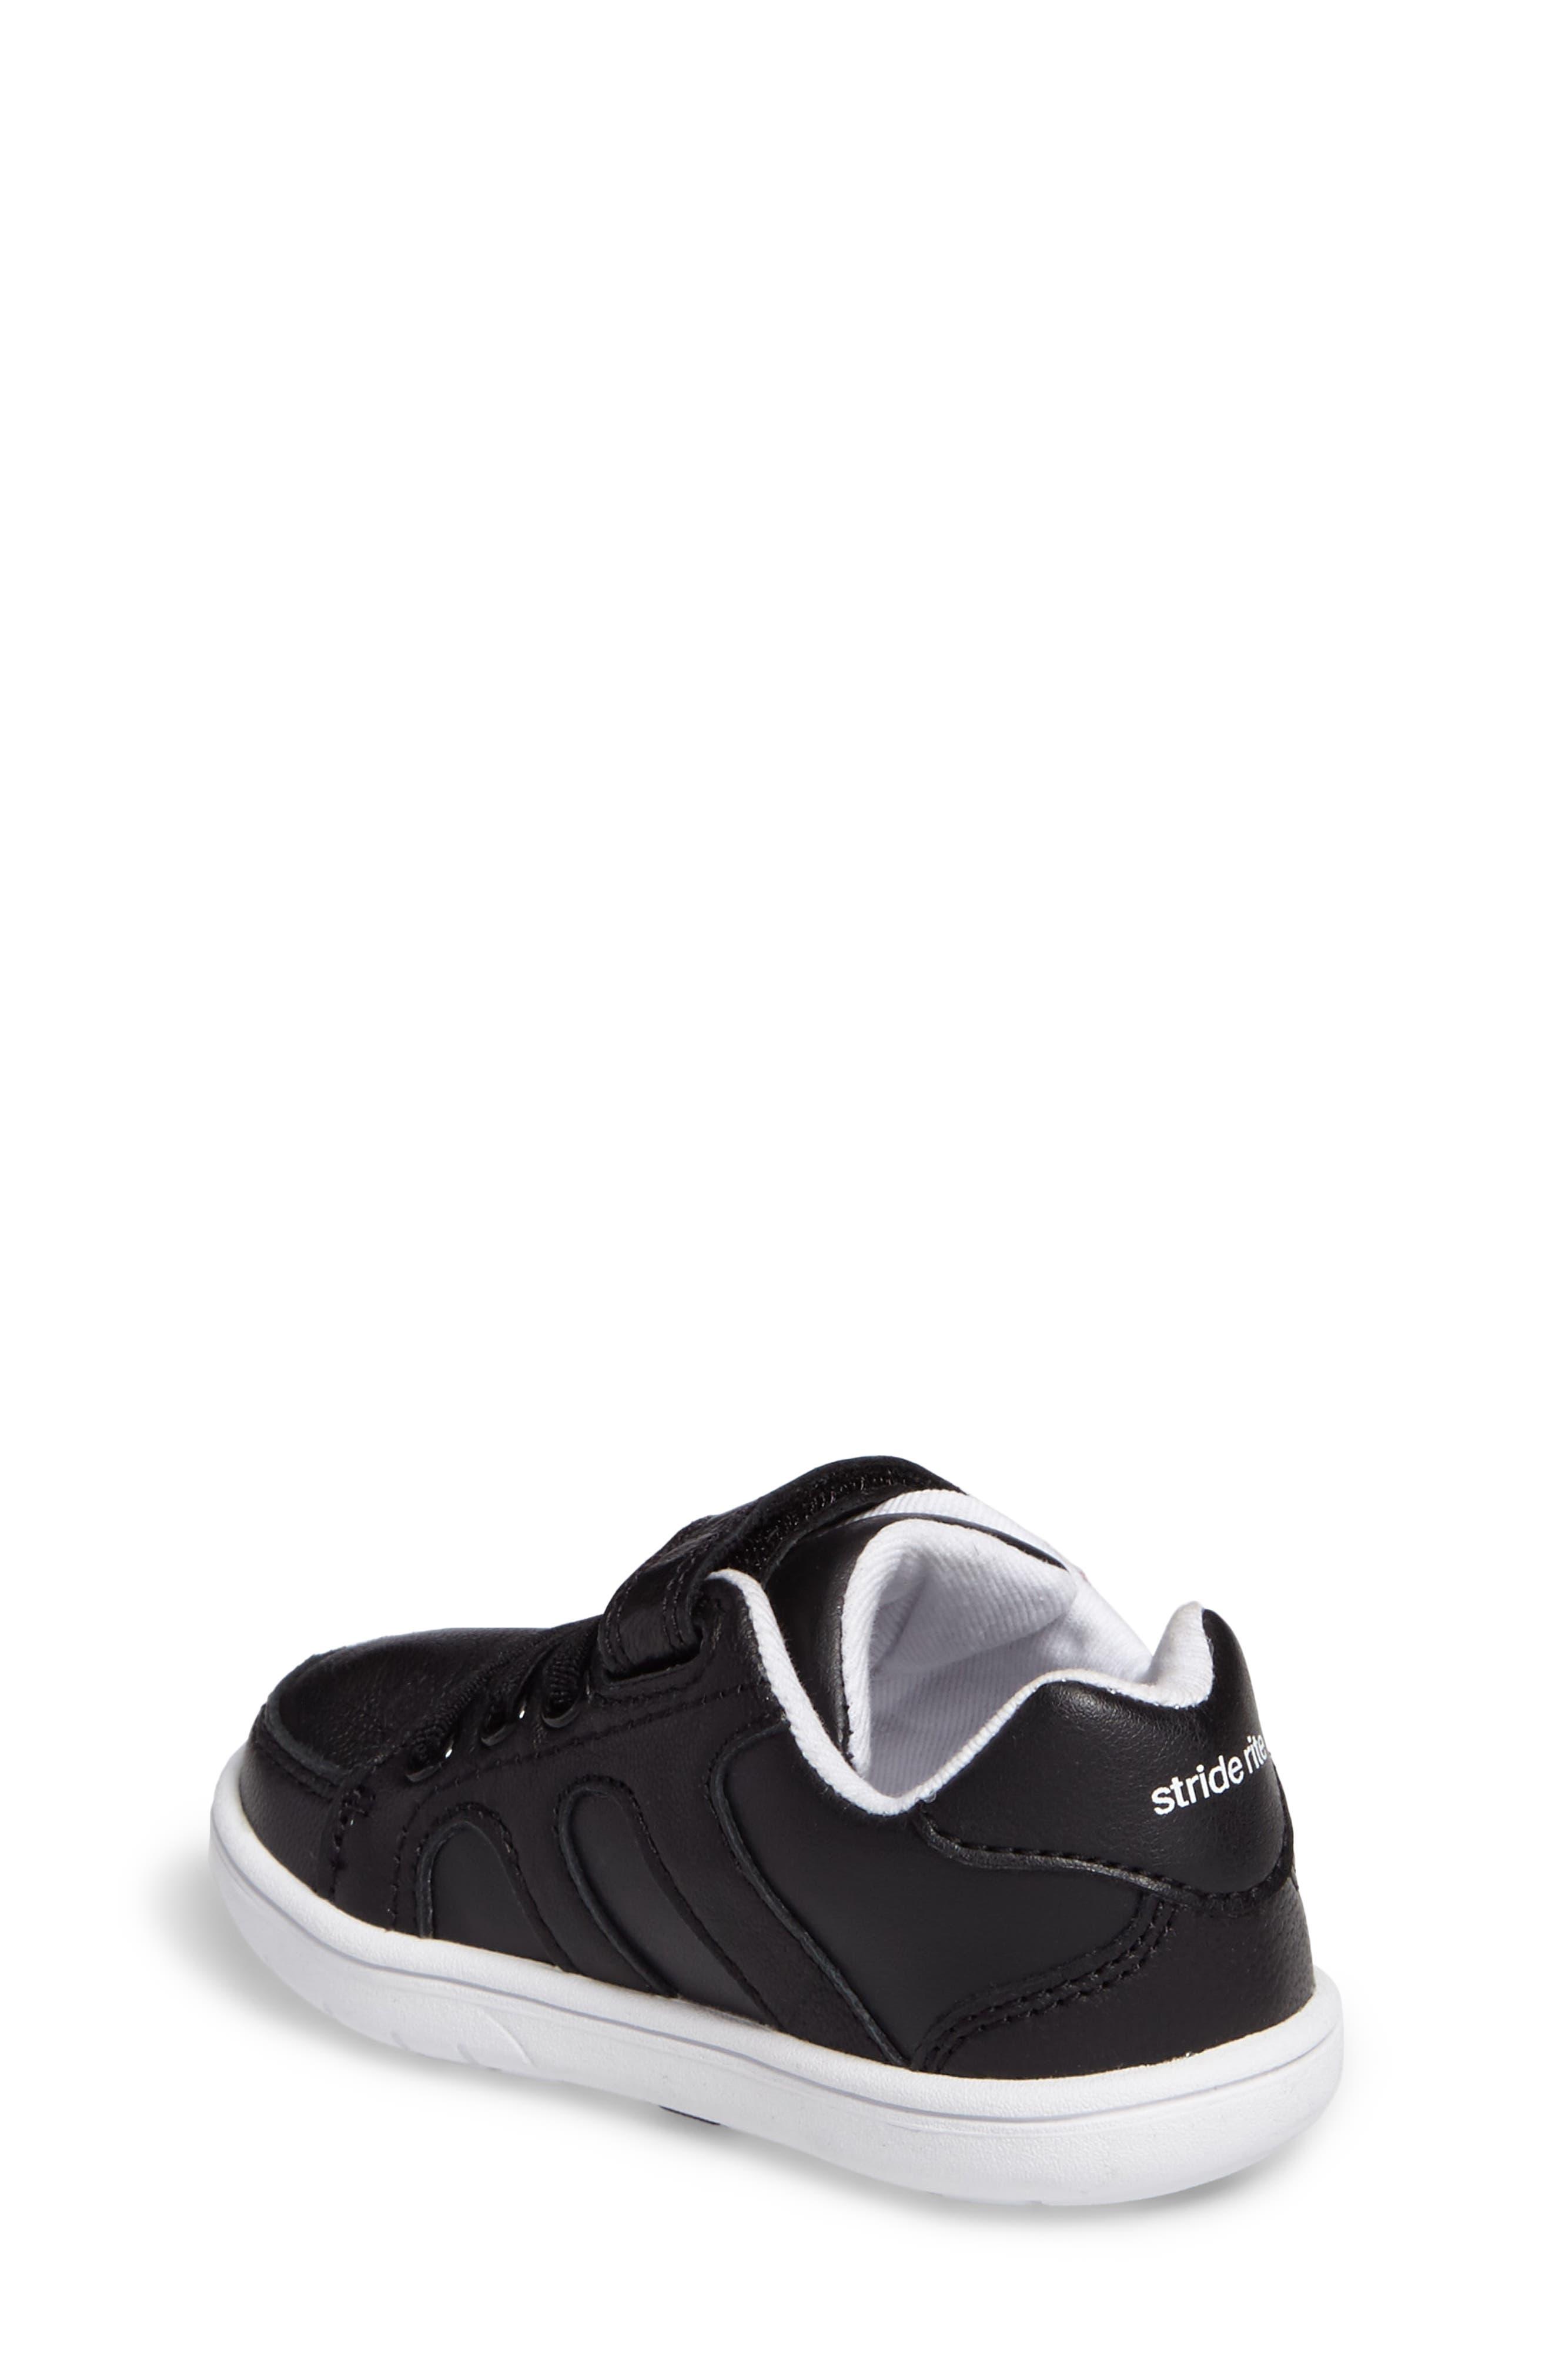 SRT Noe Sneaker,                             Alternate thumbnail 2, color,                             BLACK